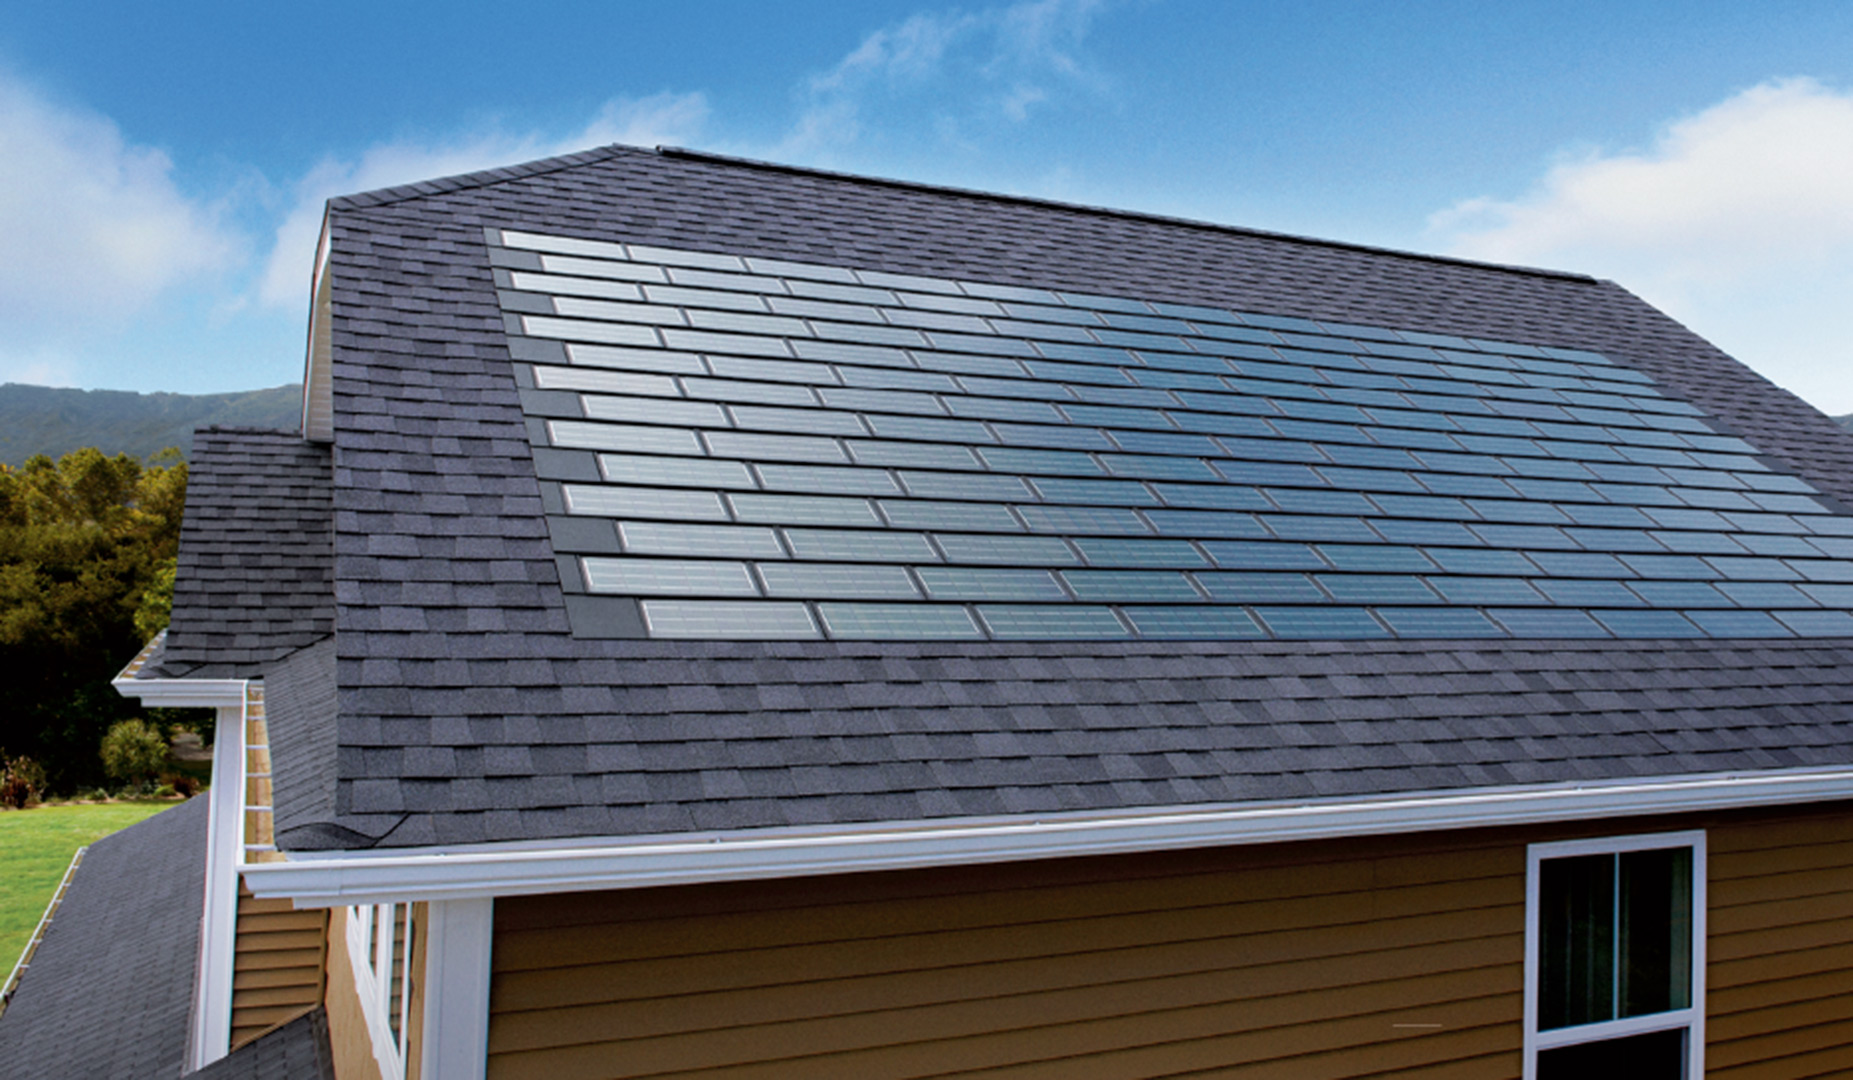 Las Tejas Solares De Tesla Bajan De Precio Y Ya Son Mas